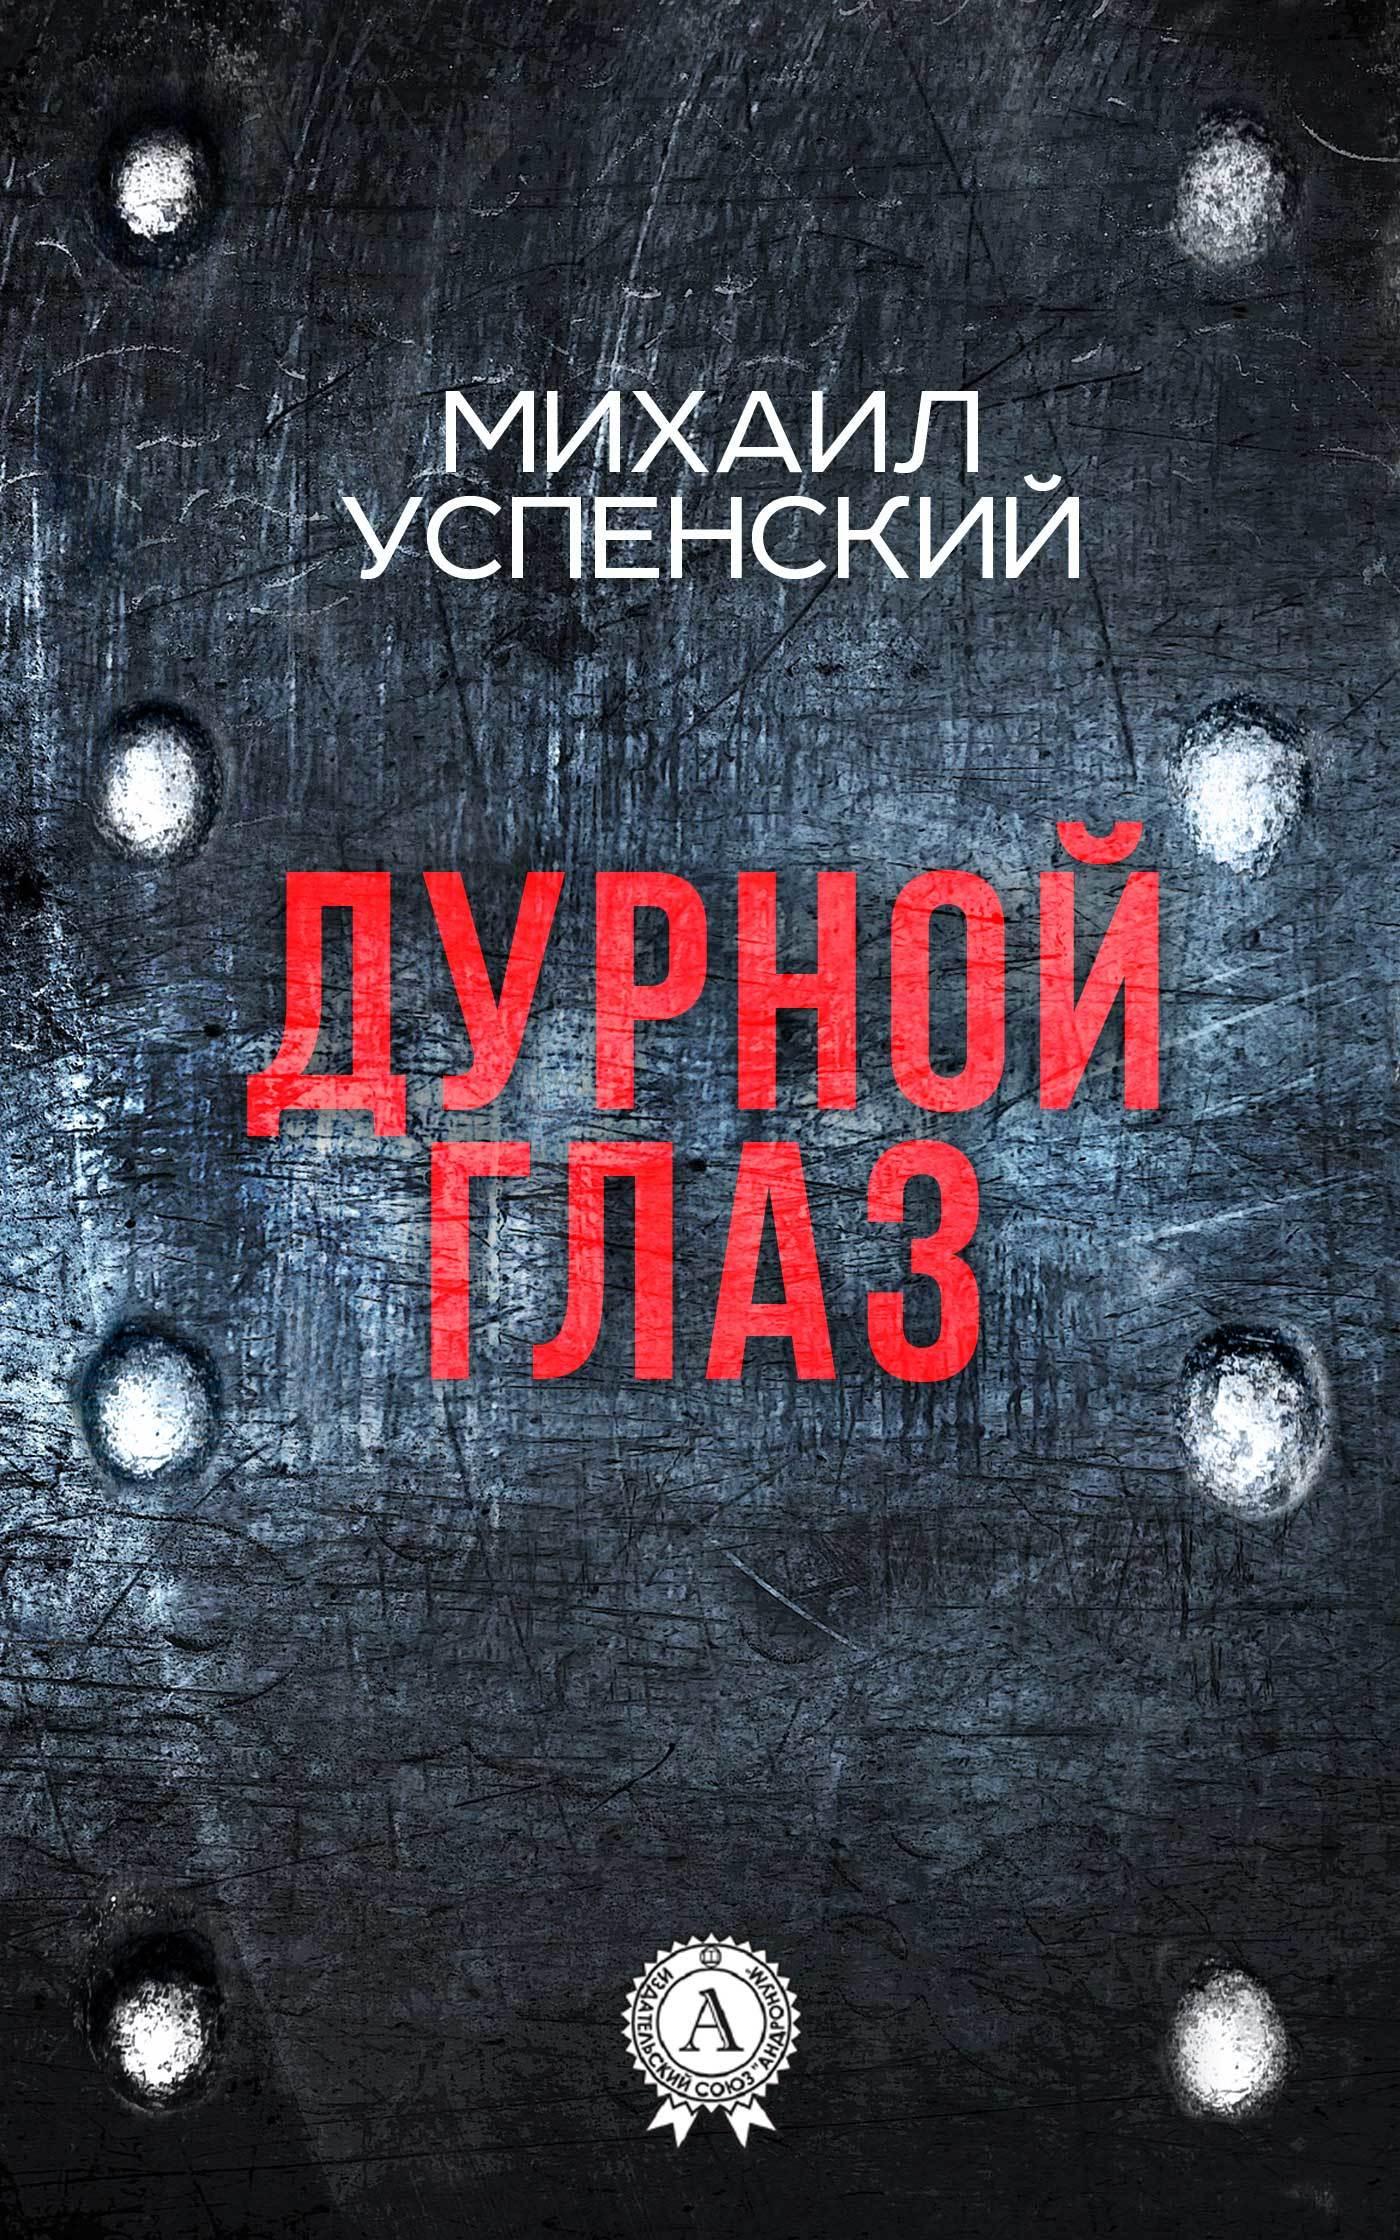 Михаил Успенский. Дурной глаз